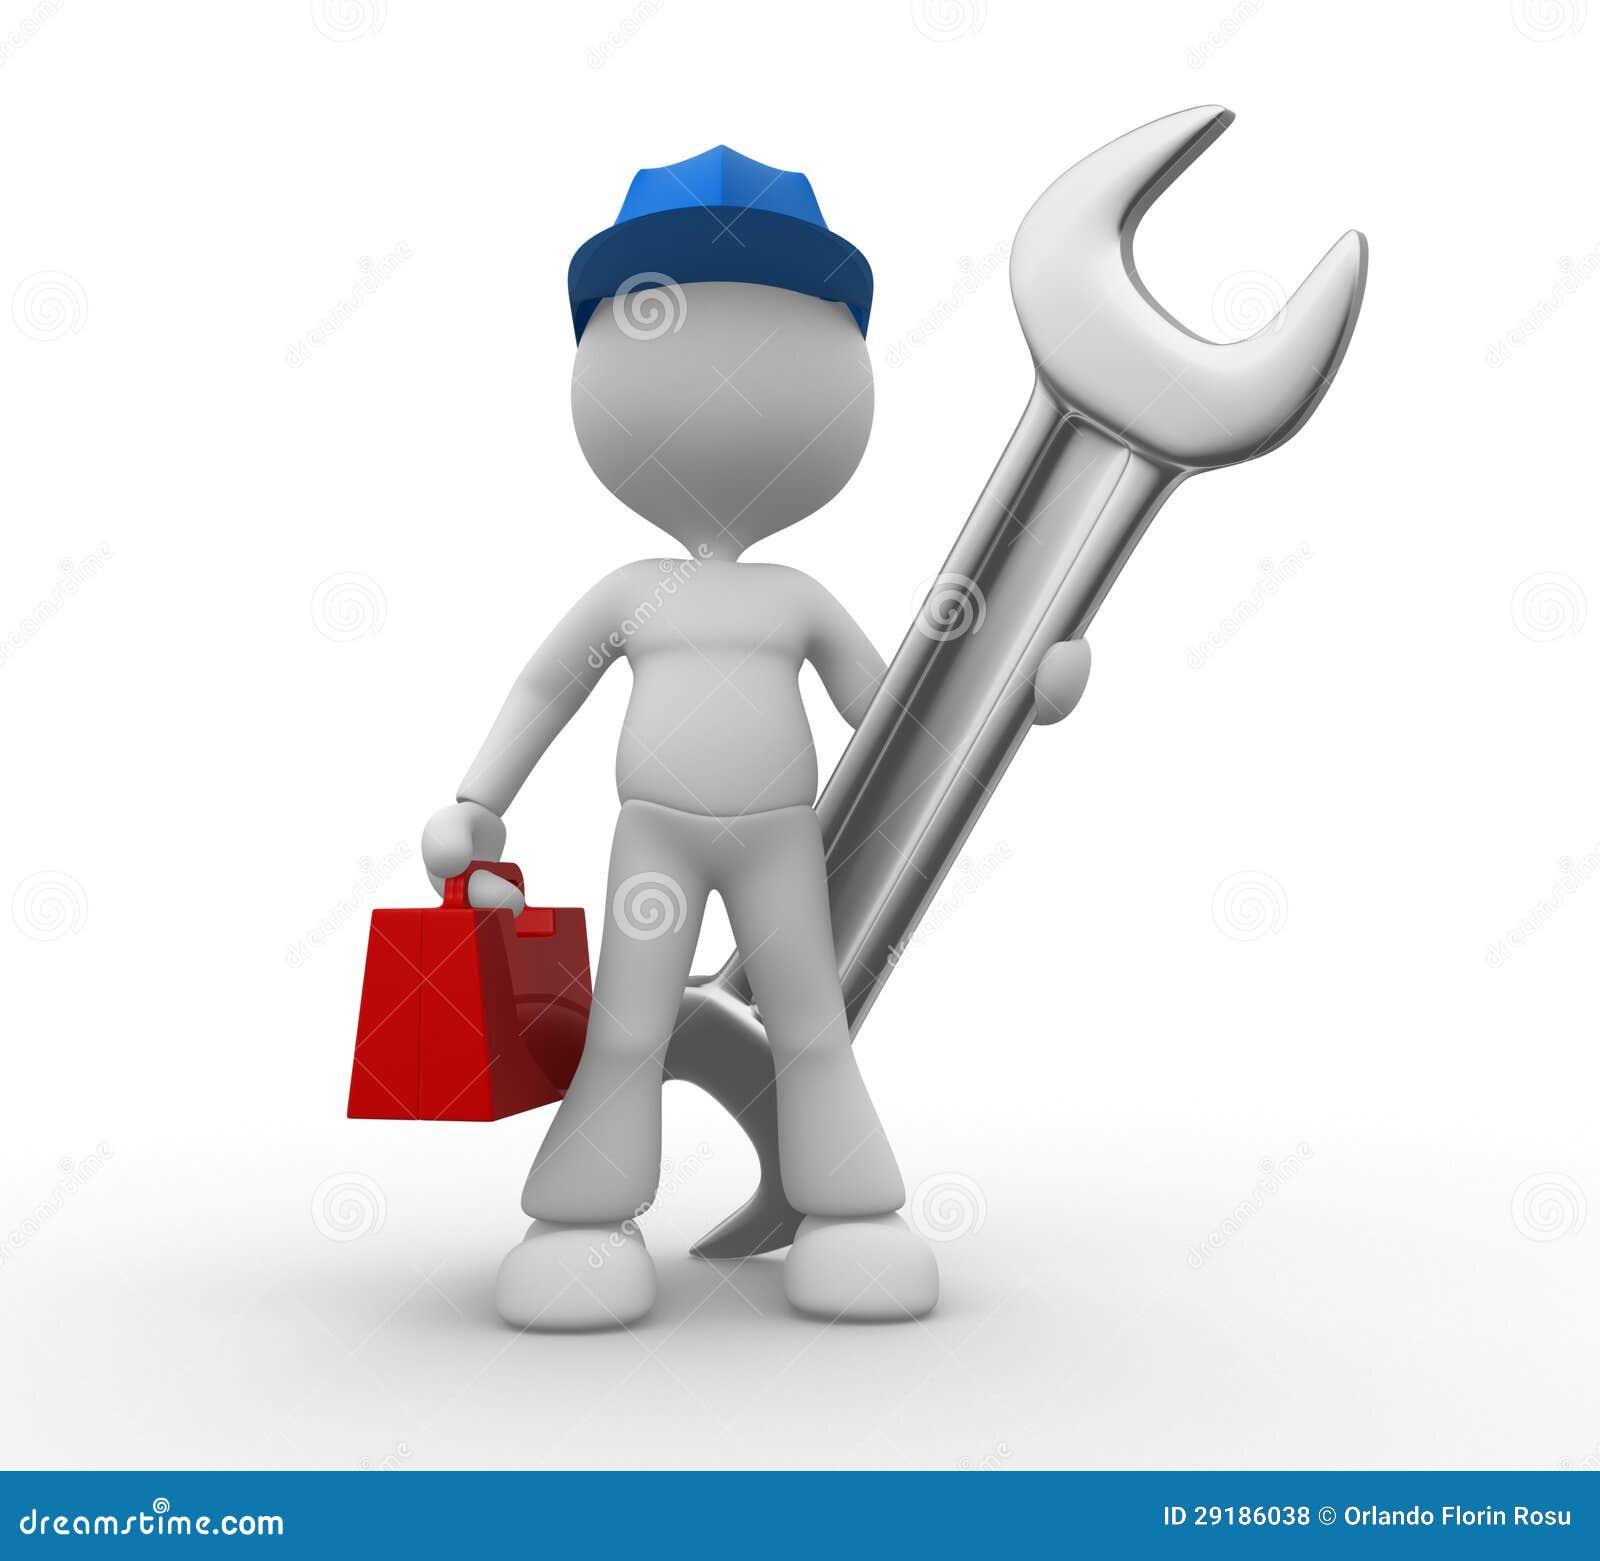 Maschinenbauingenieur Lizenzfreie Stockfotos Bild 29186038